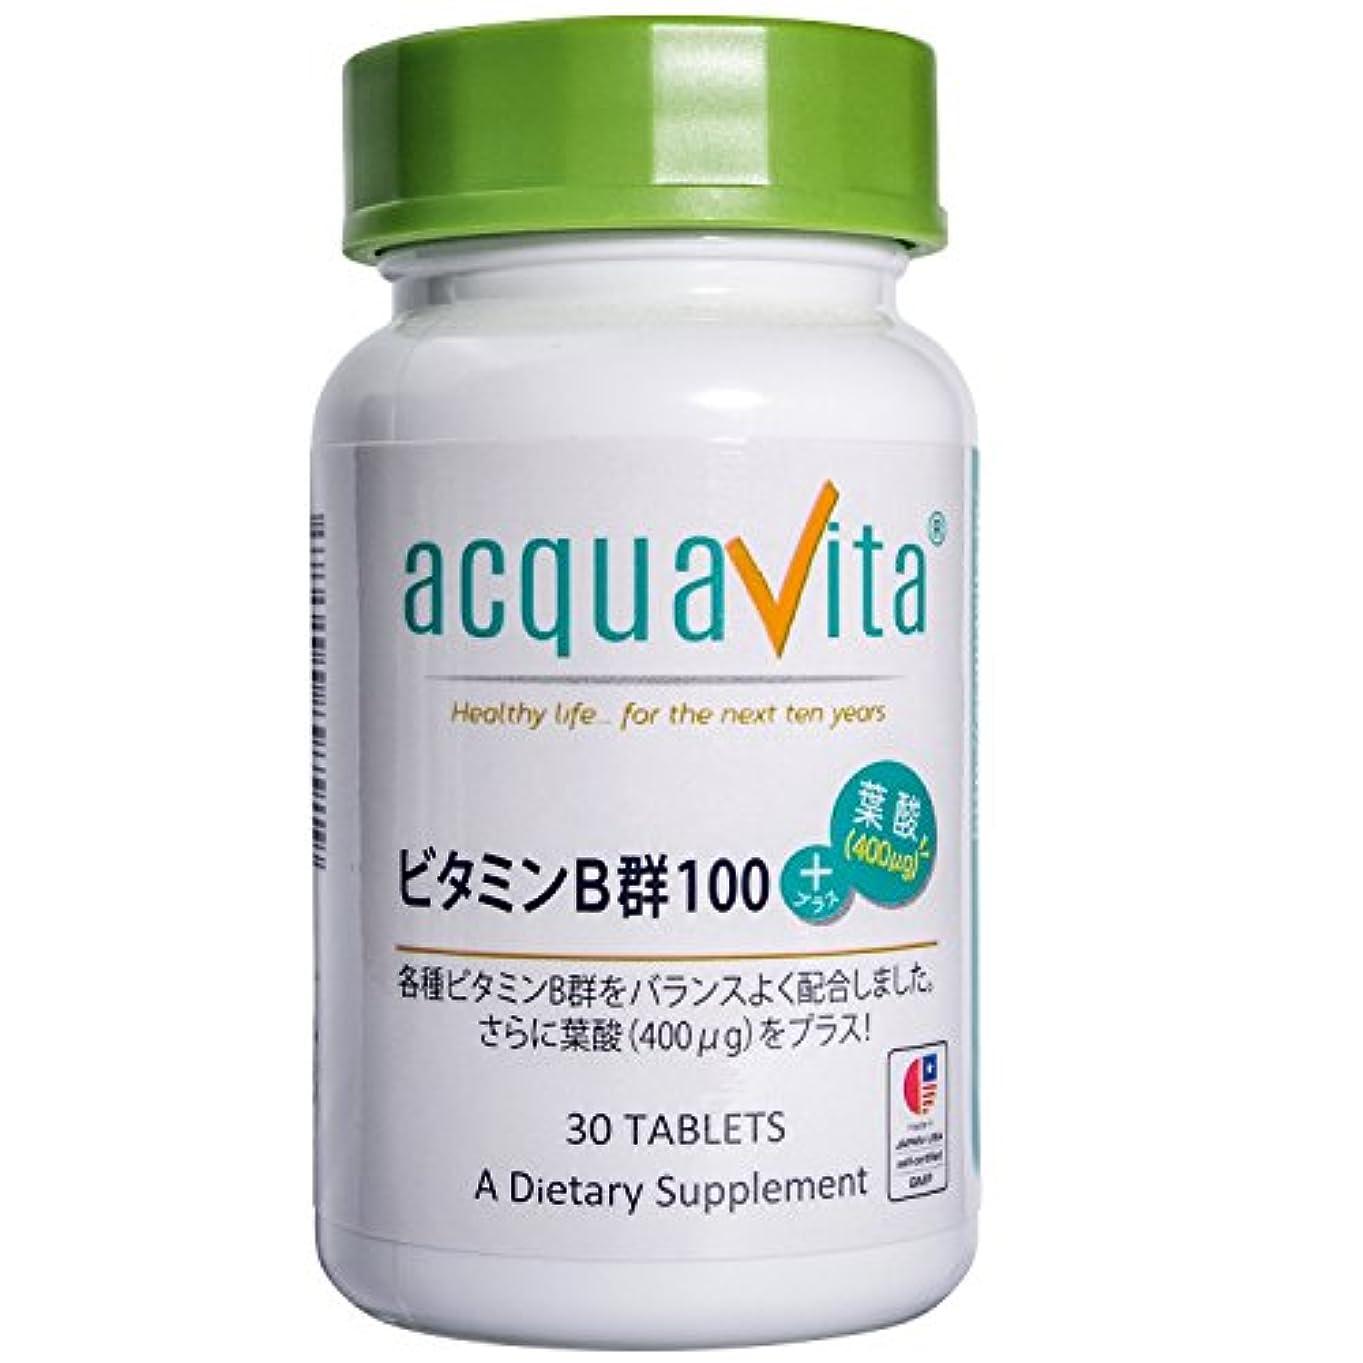 挨拶ビルダー詩acquavita(アクアヴィータ) ビタミンB群100+葉酸(400μg) 30粒